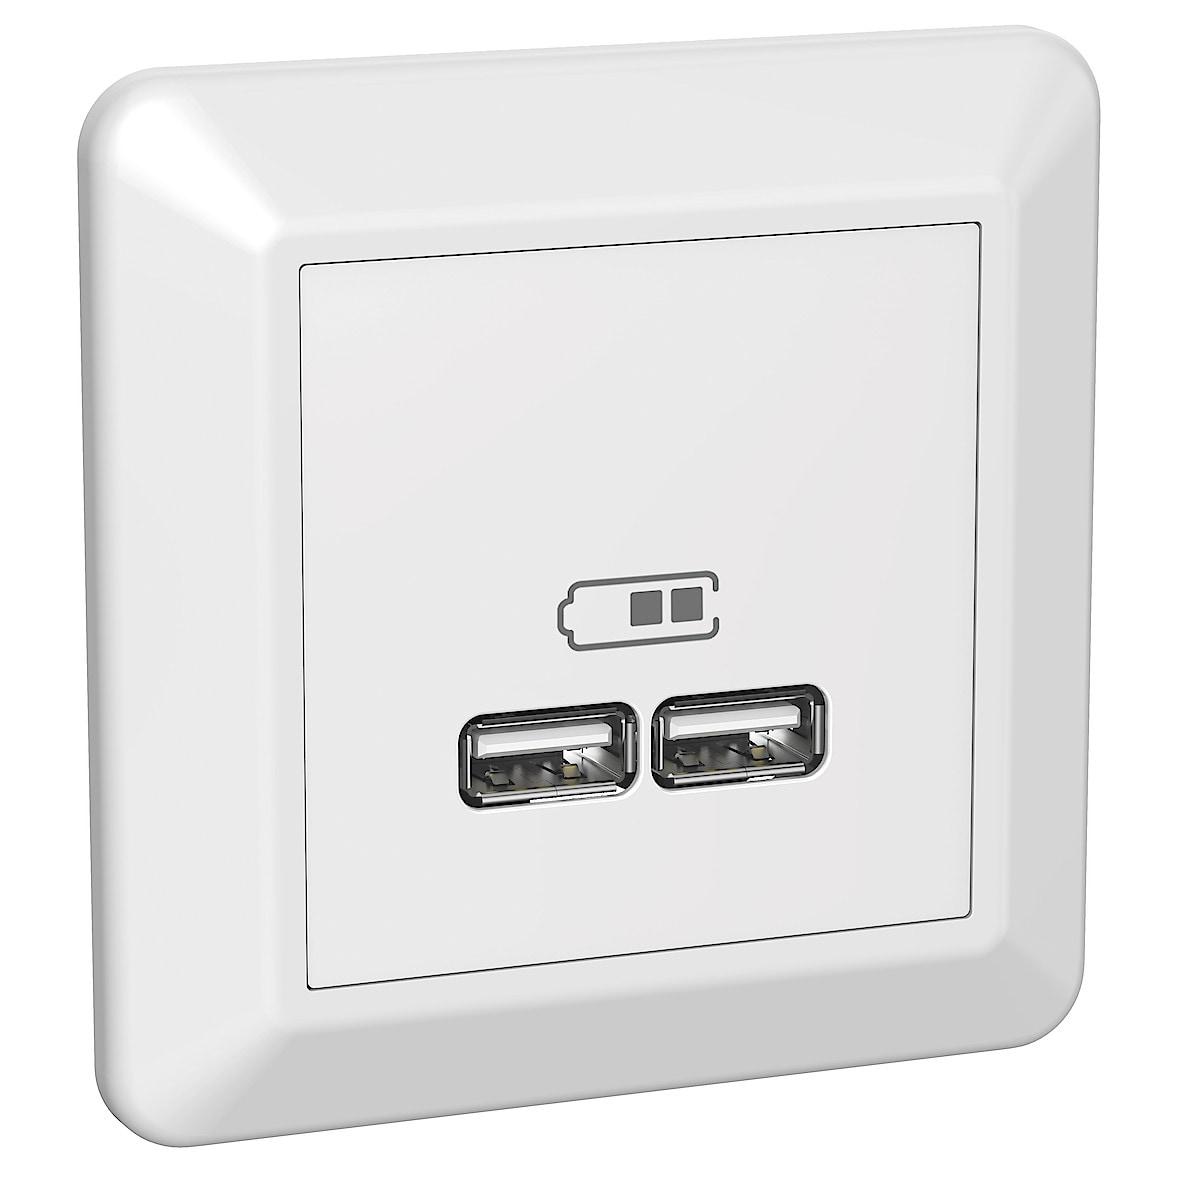 USB-ladduttag Elko RS